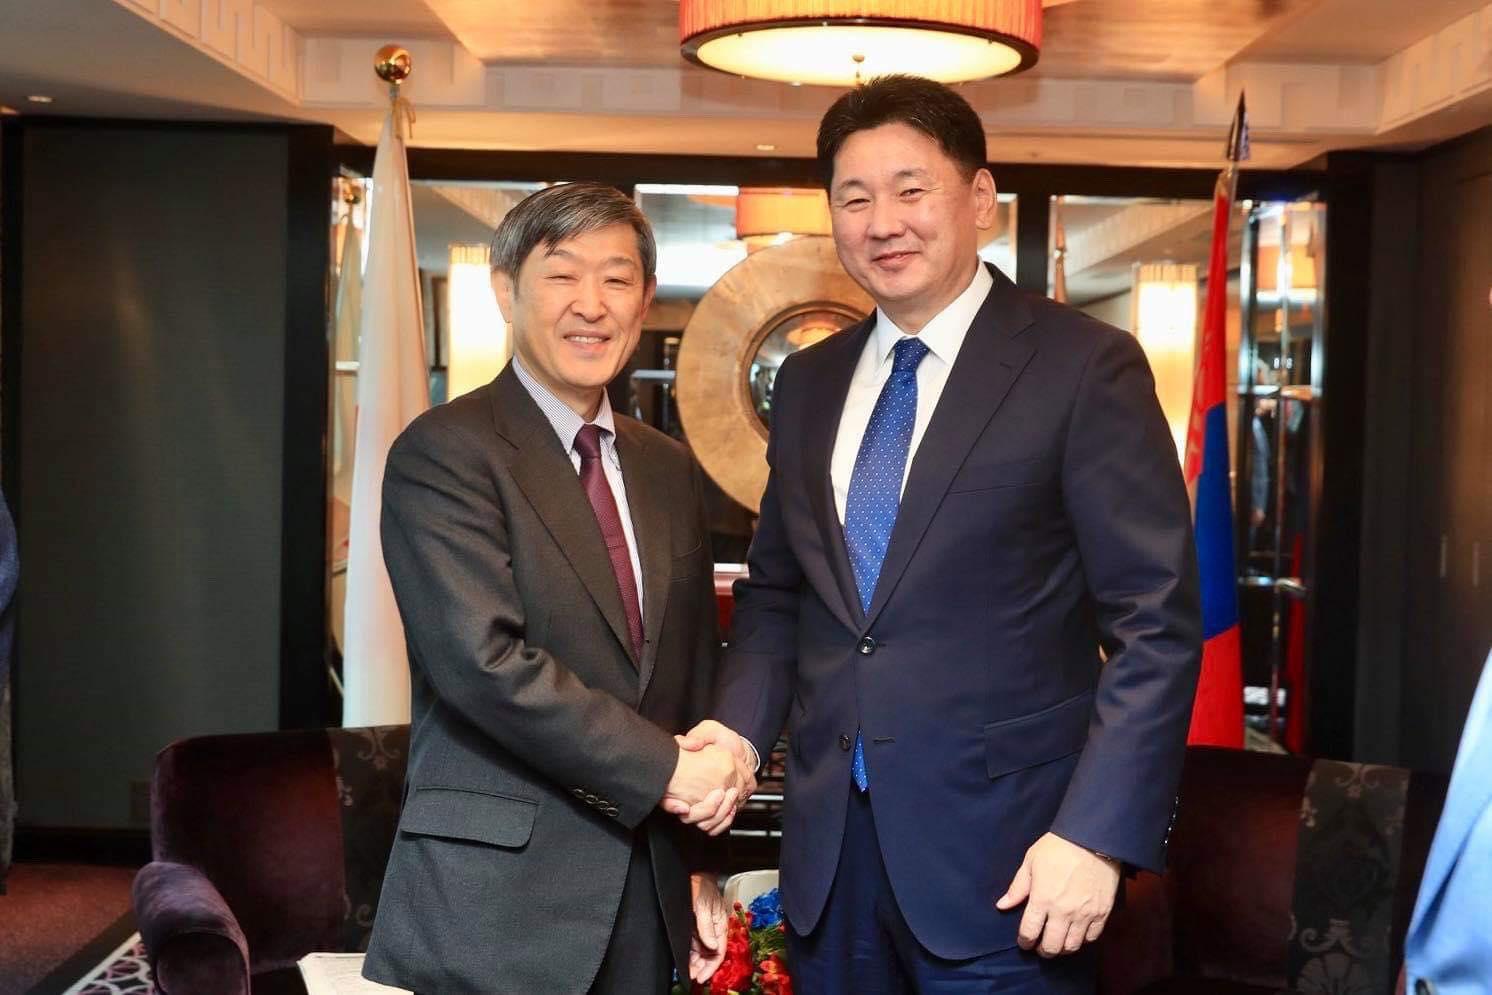 Монгол Улс, Япон Улсын Стратегийн түншлэлийн дунд хугацааны хөтөлбөрийн хэрэгжилтийн явцыг танилцуулав